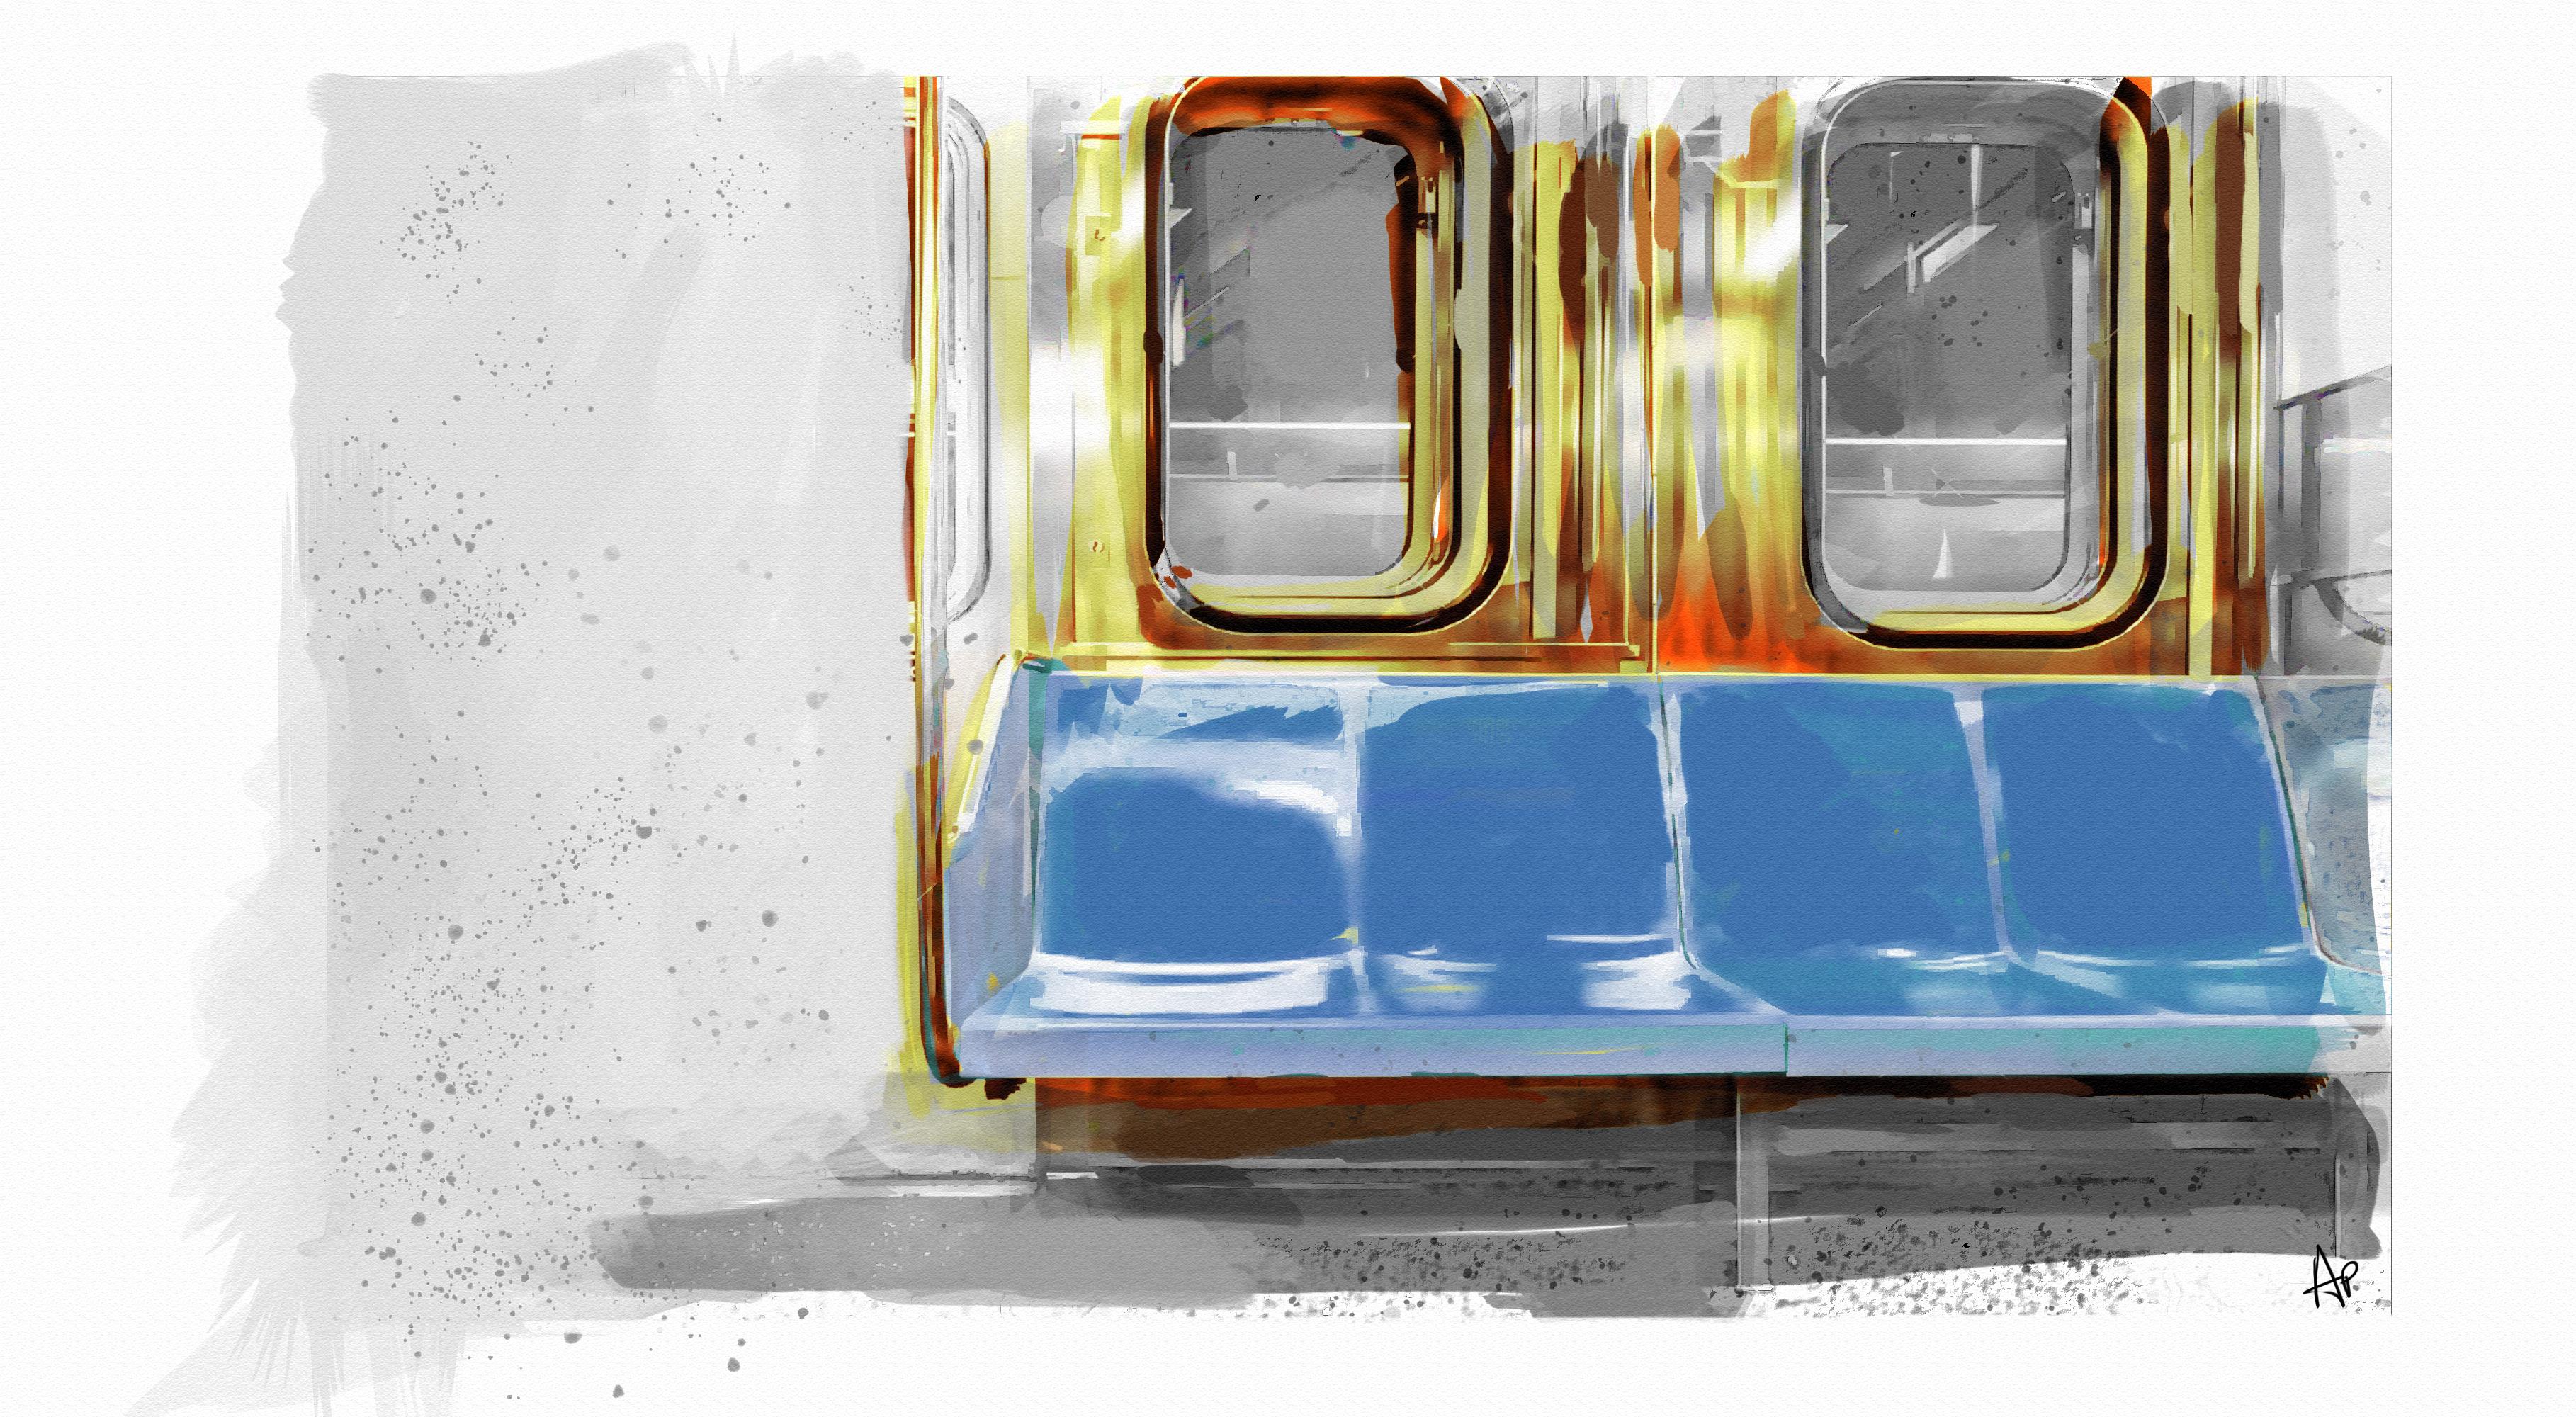 InsideCar_Frontview2.jpg